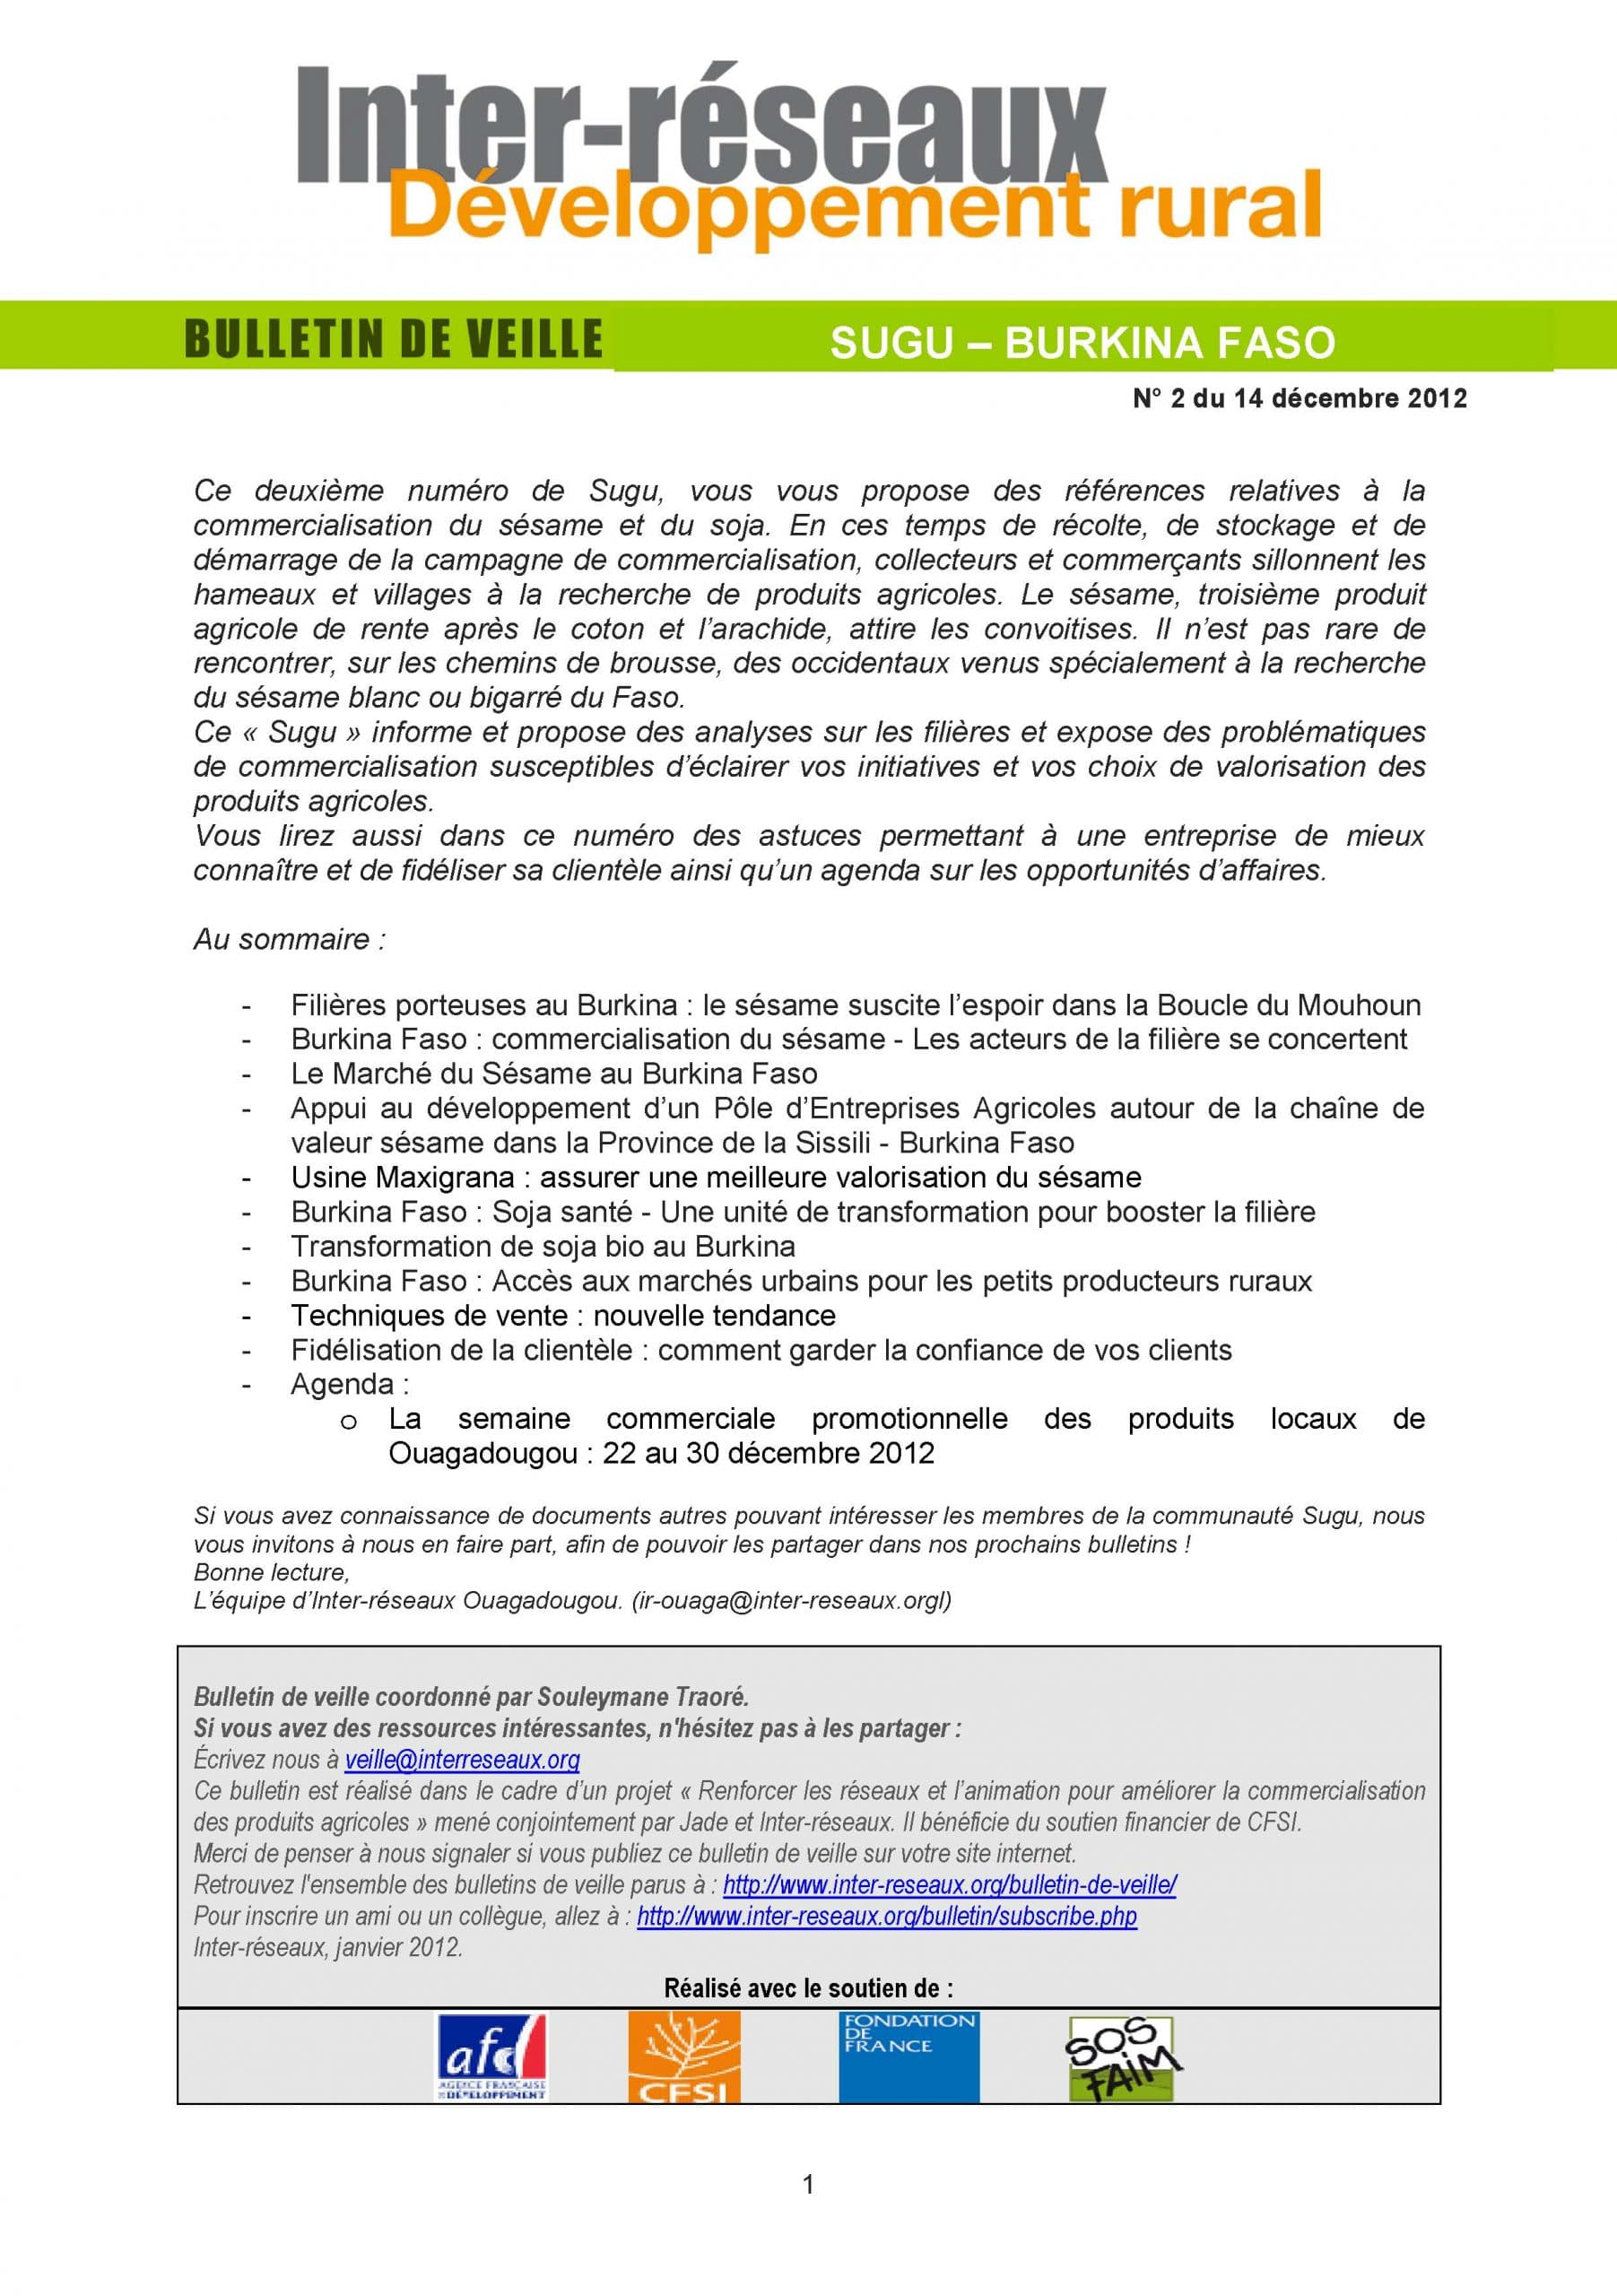 Bulletin SUGU N° 2 - Commercialisation du sésame et du soja au Burkina